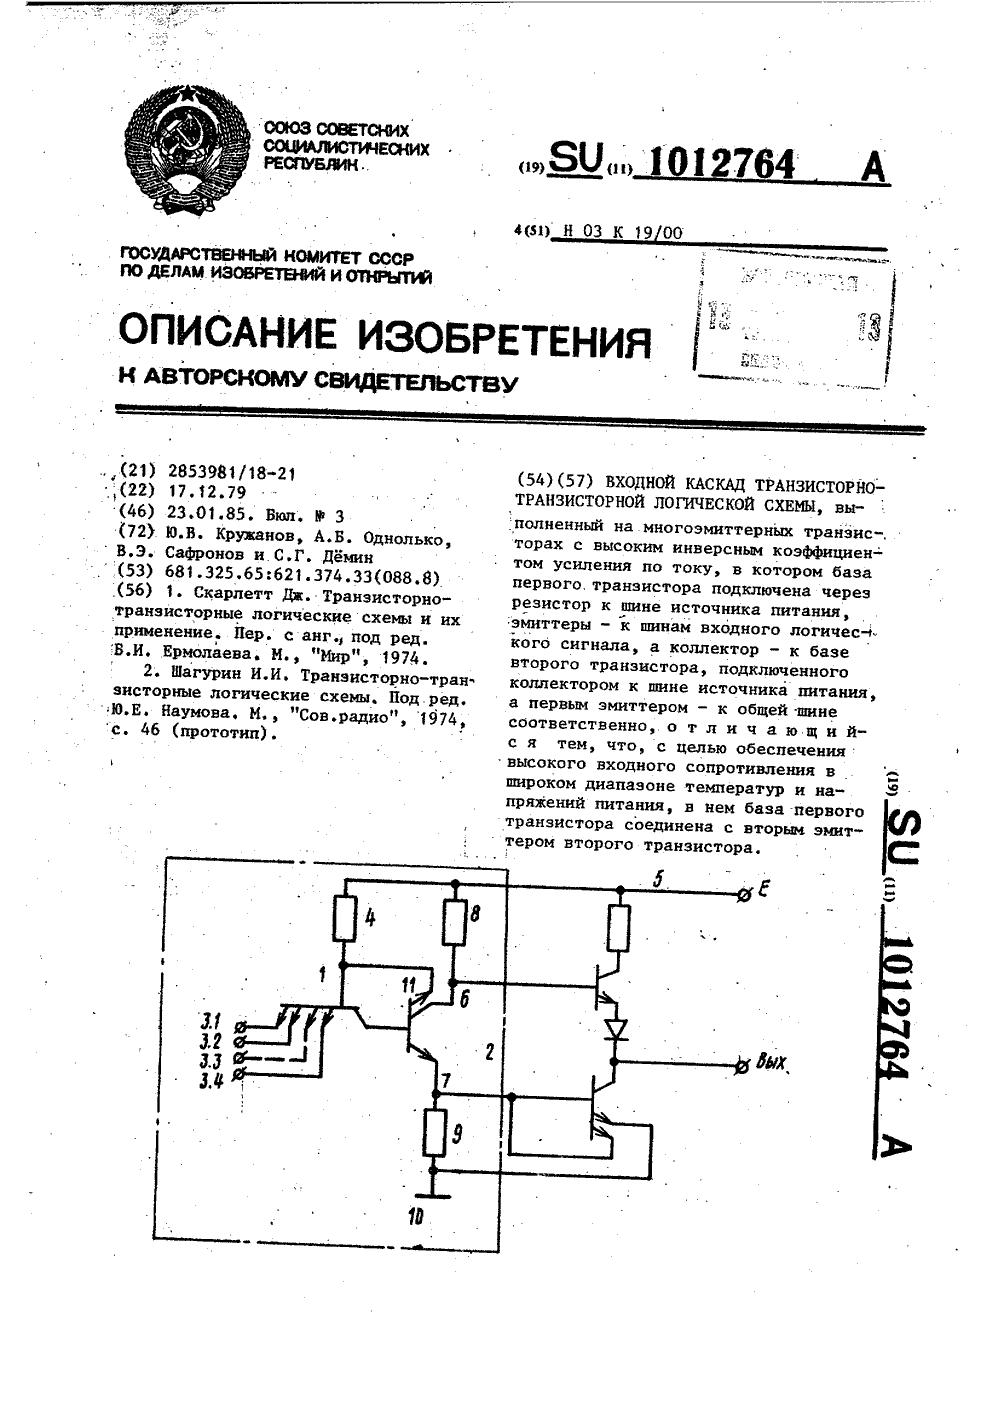 схема формирователя шины кан